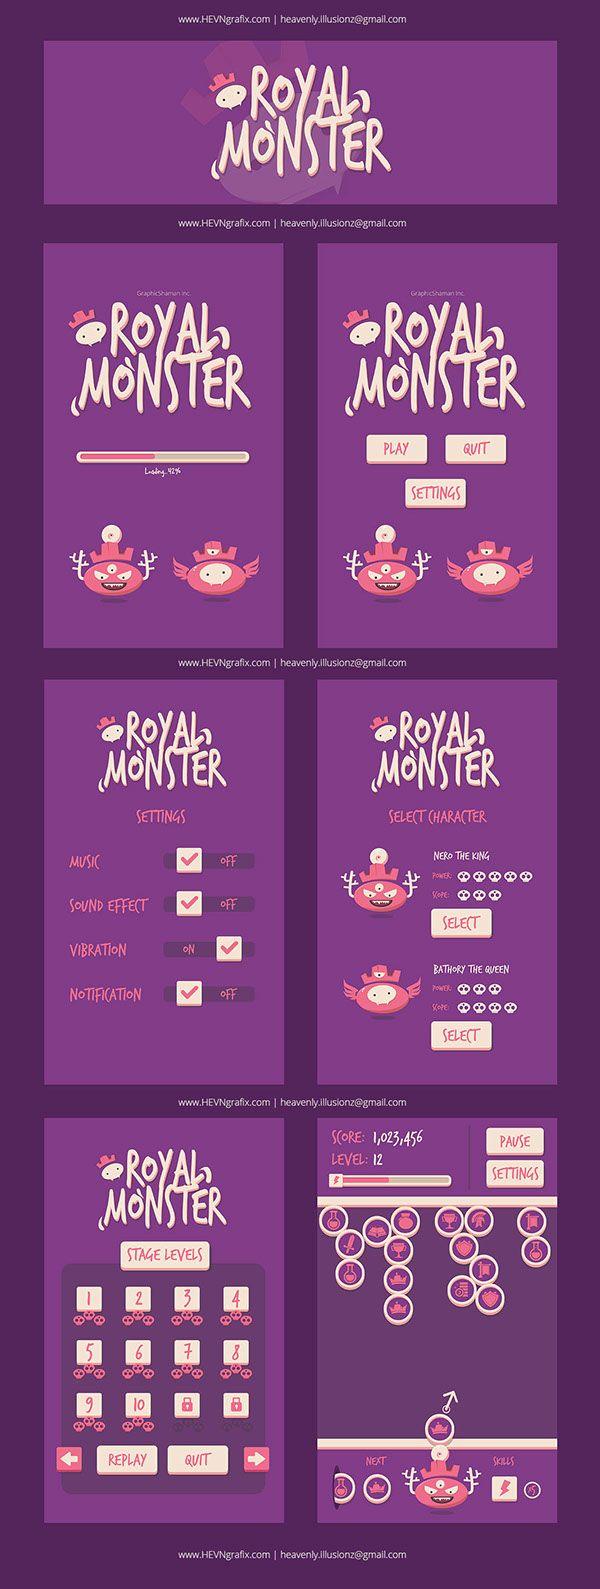 Royal Monster - Game Design on Behance